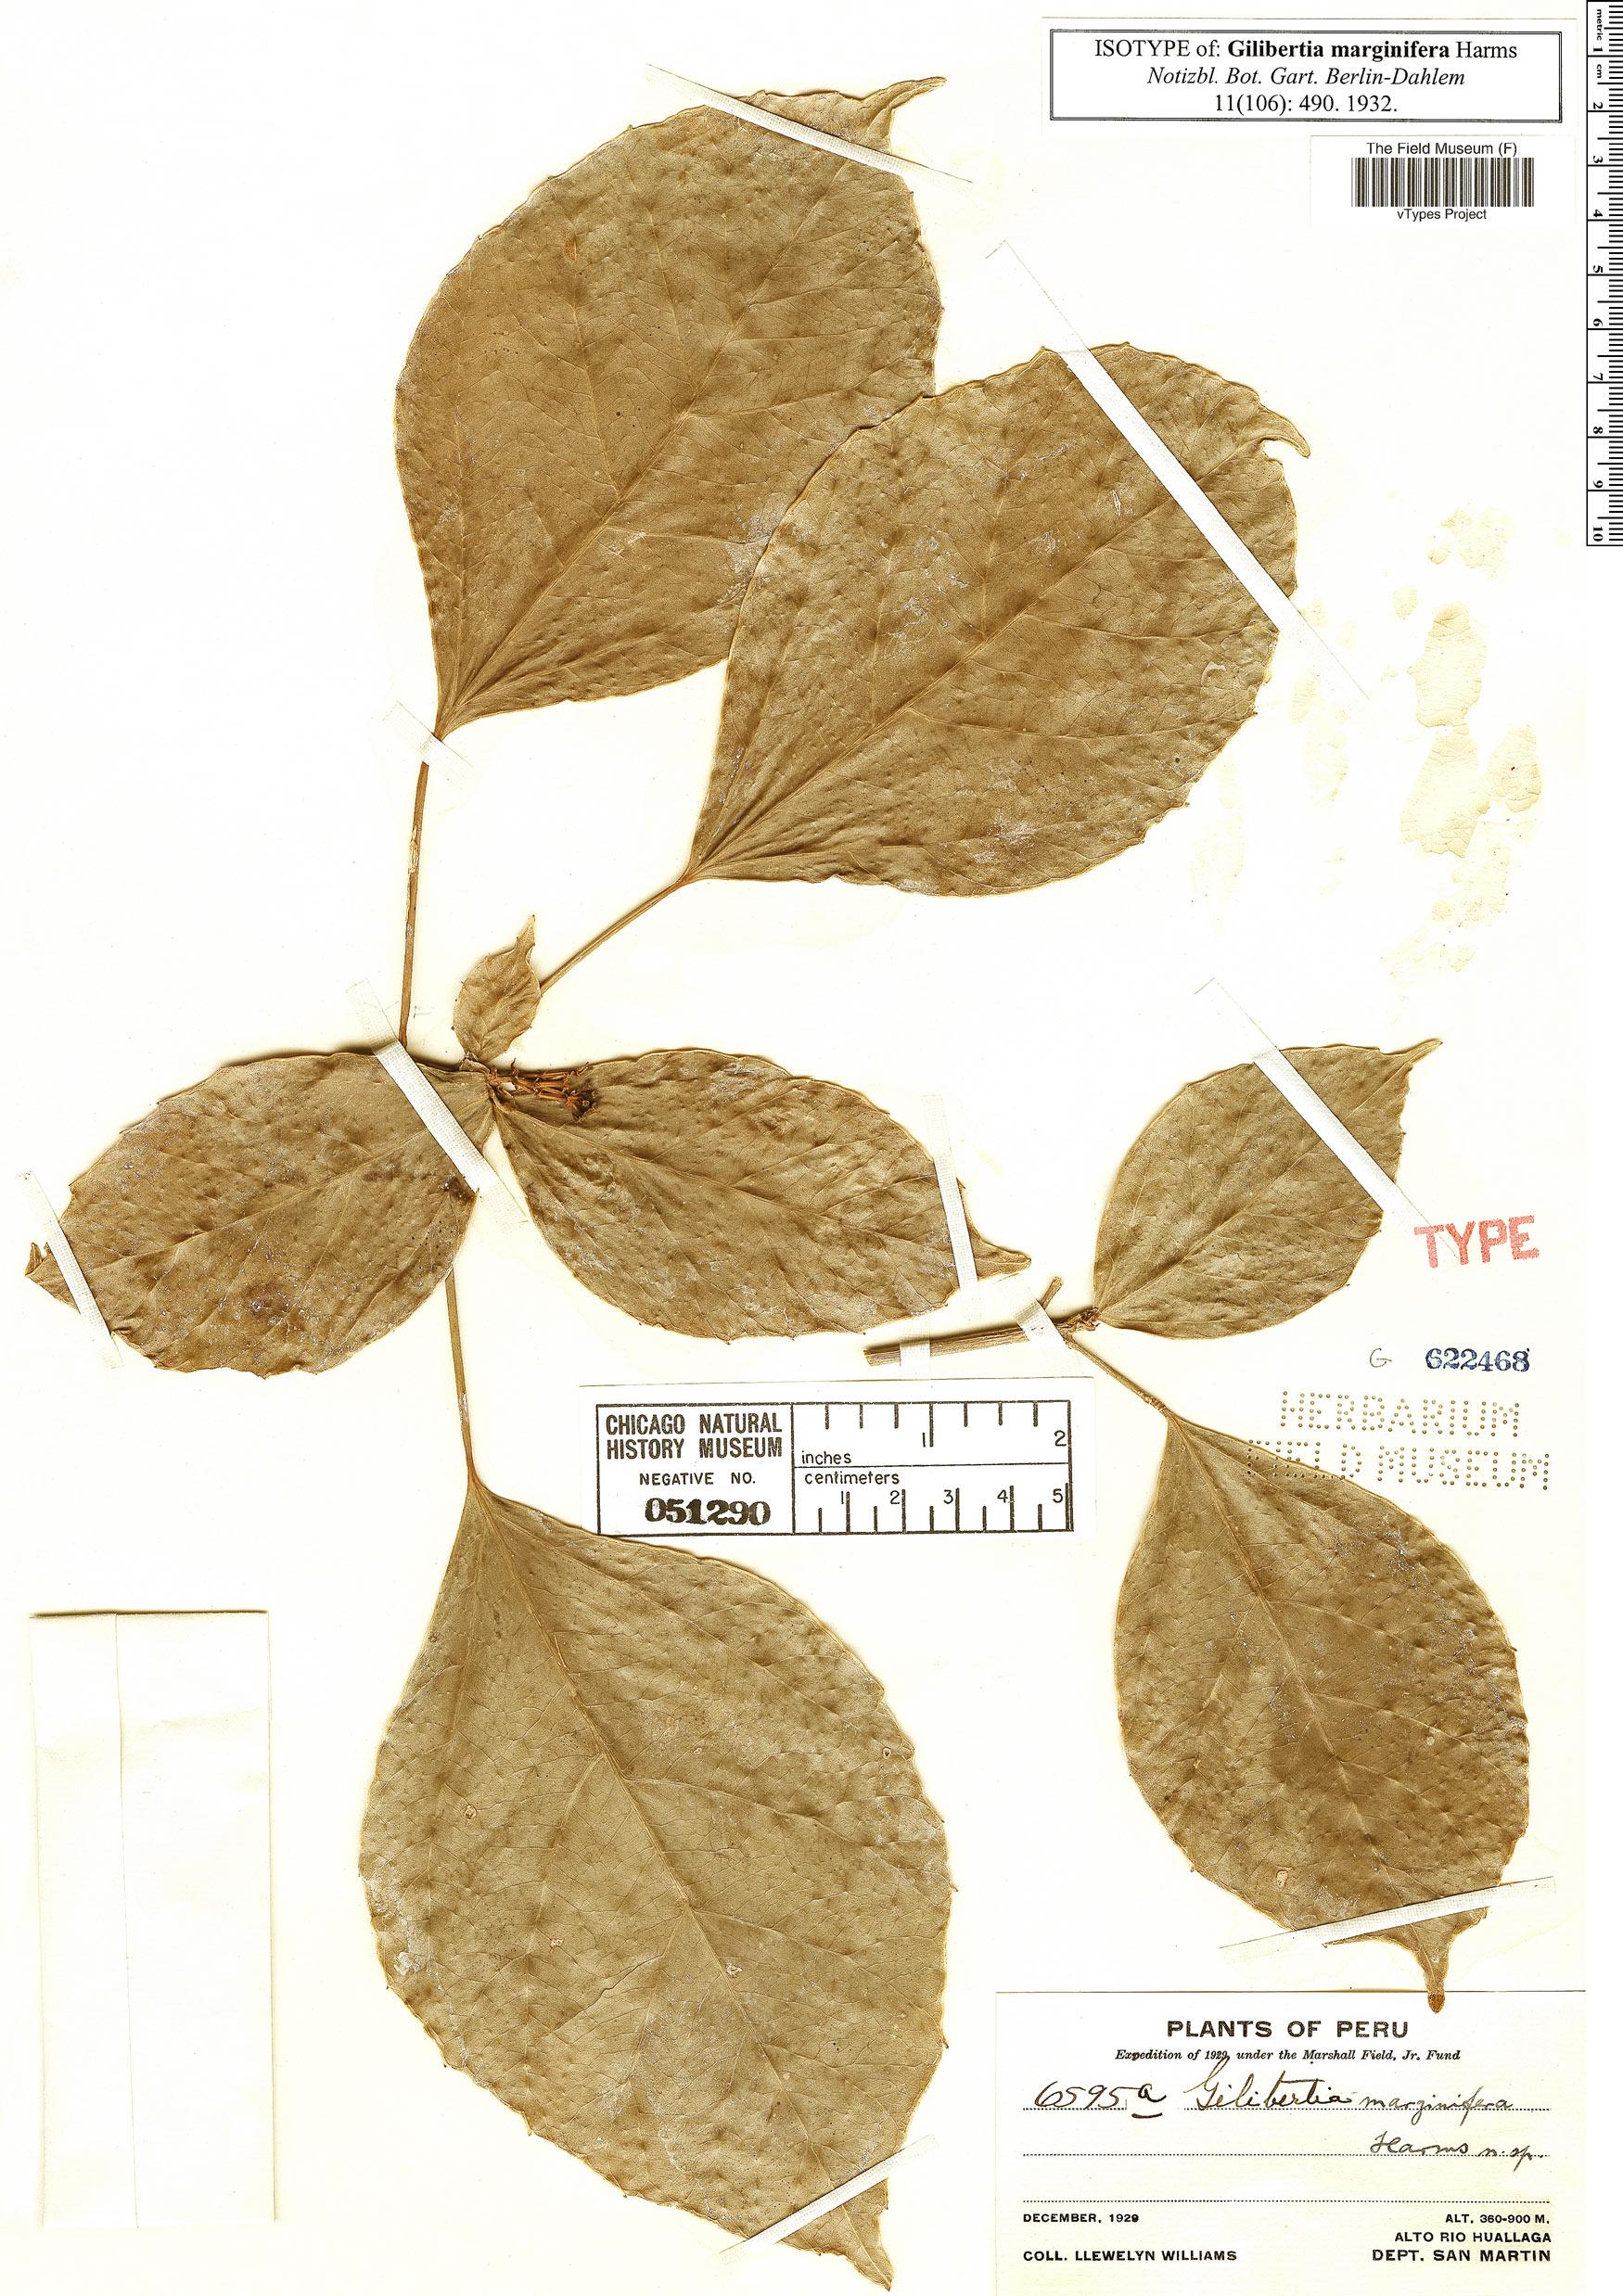 Specimen: Dendropanax marginiferus